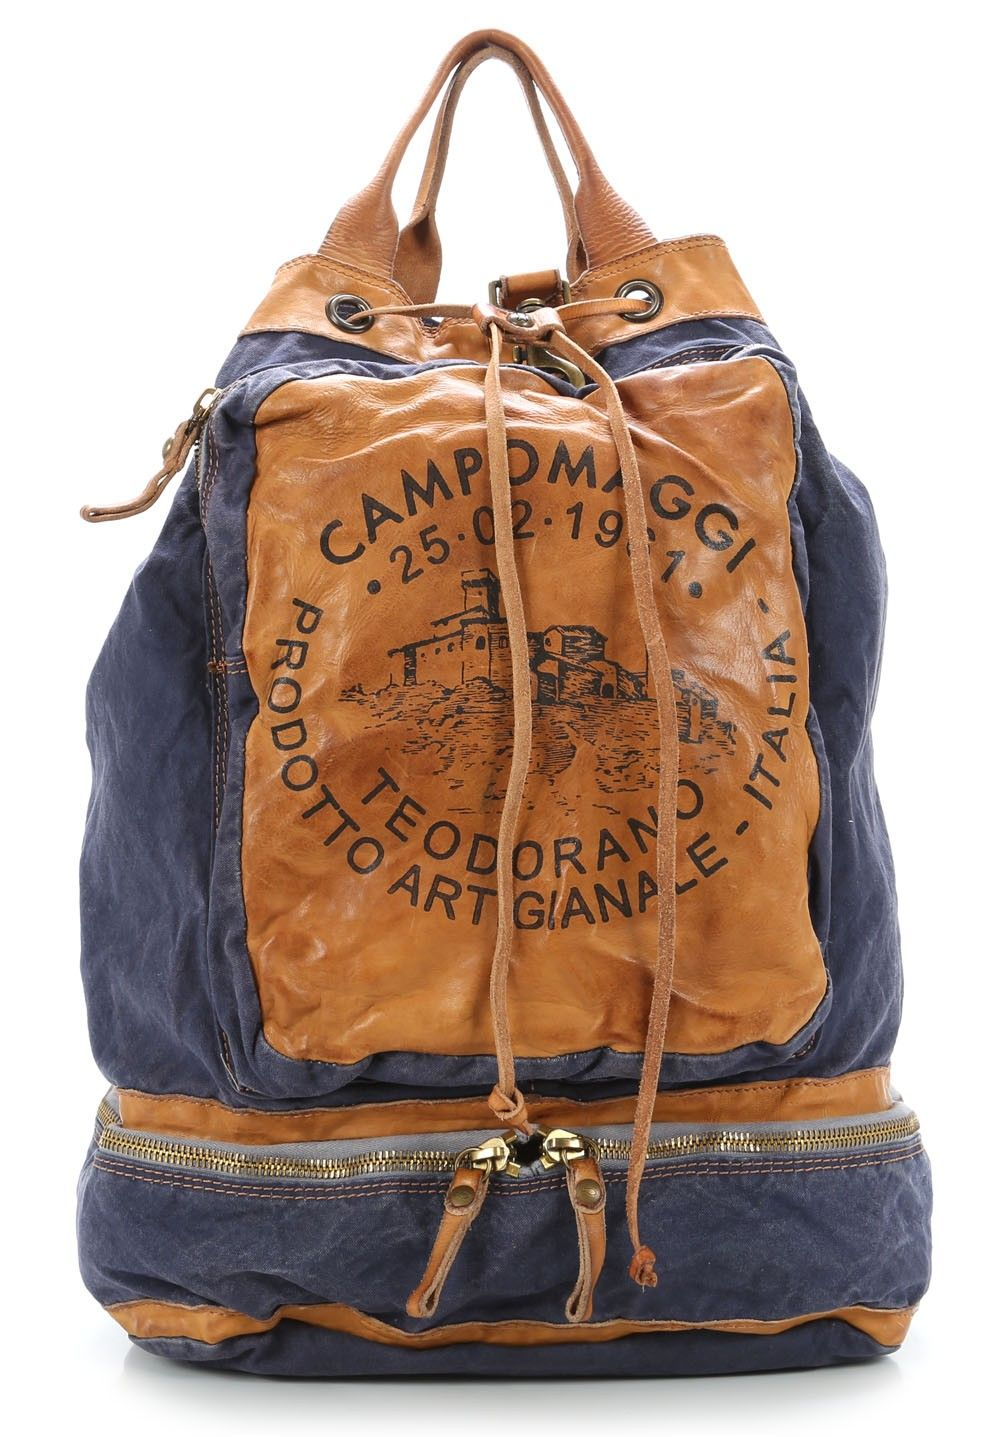 Die 358 besten Bilder von bags   Taschen, Leder und Taschen